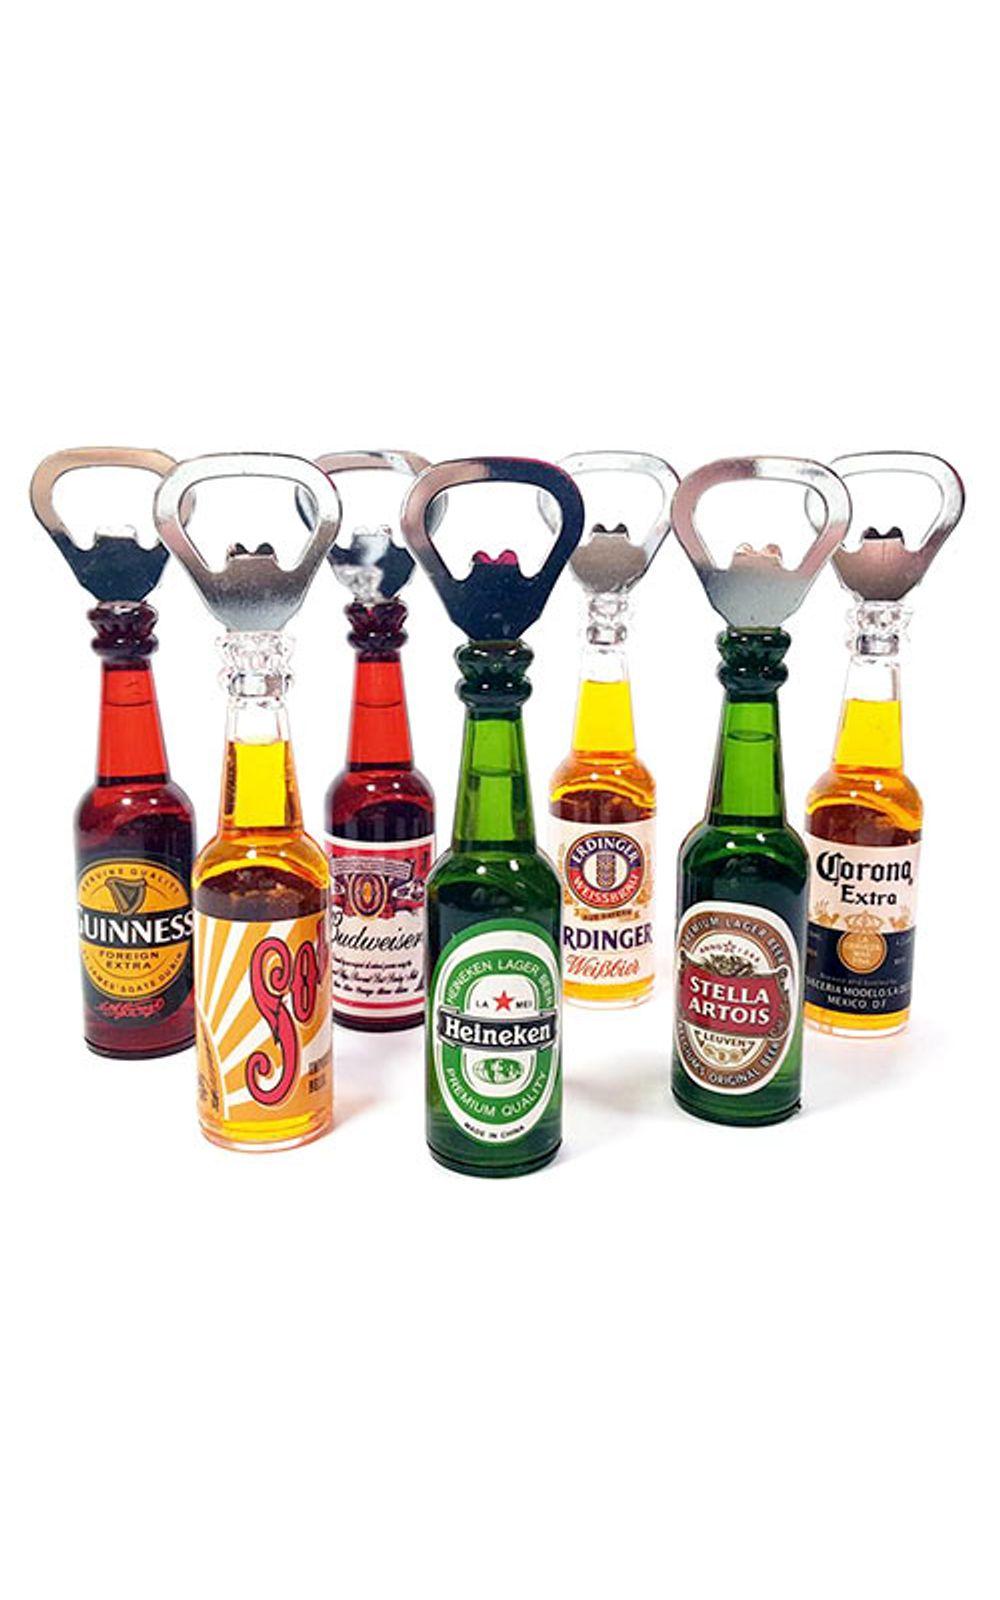 Foto 2 - Abridor de Garrafa Cerveja Budweiser com Ima